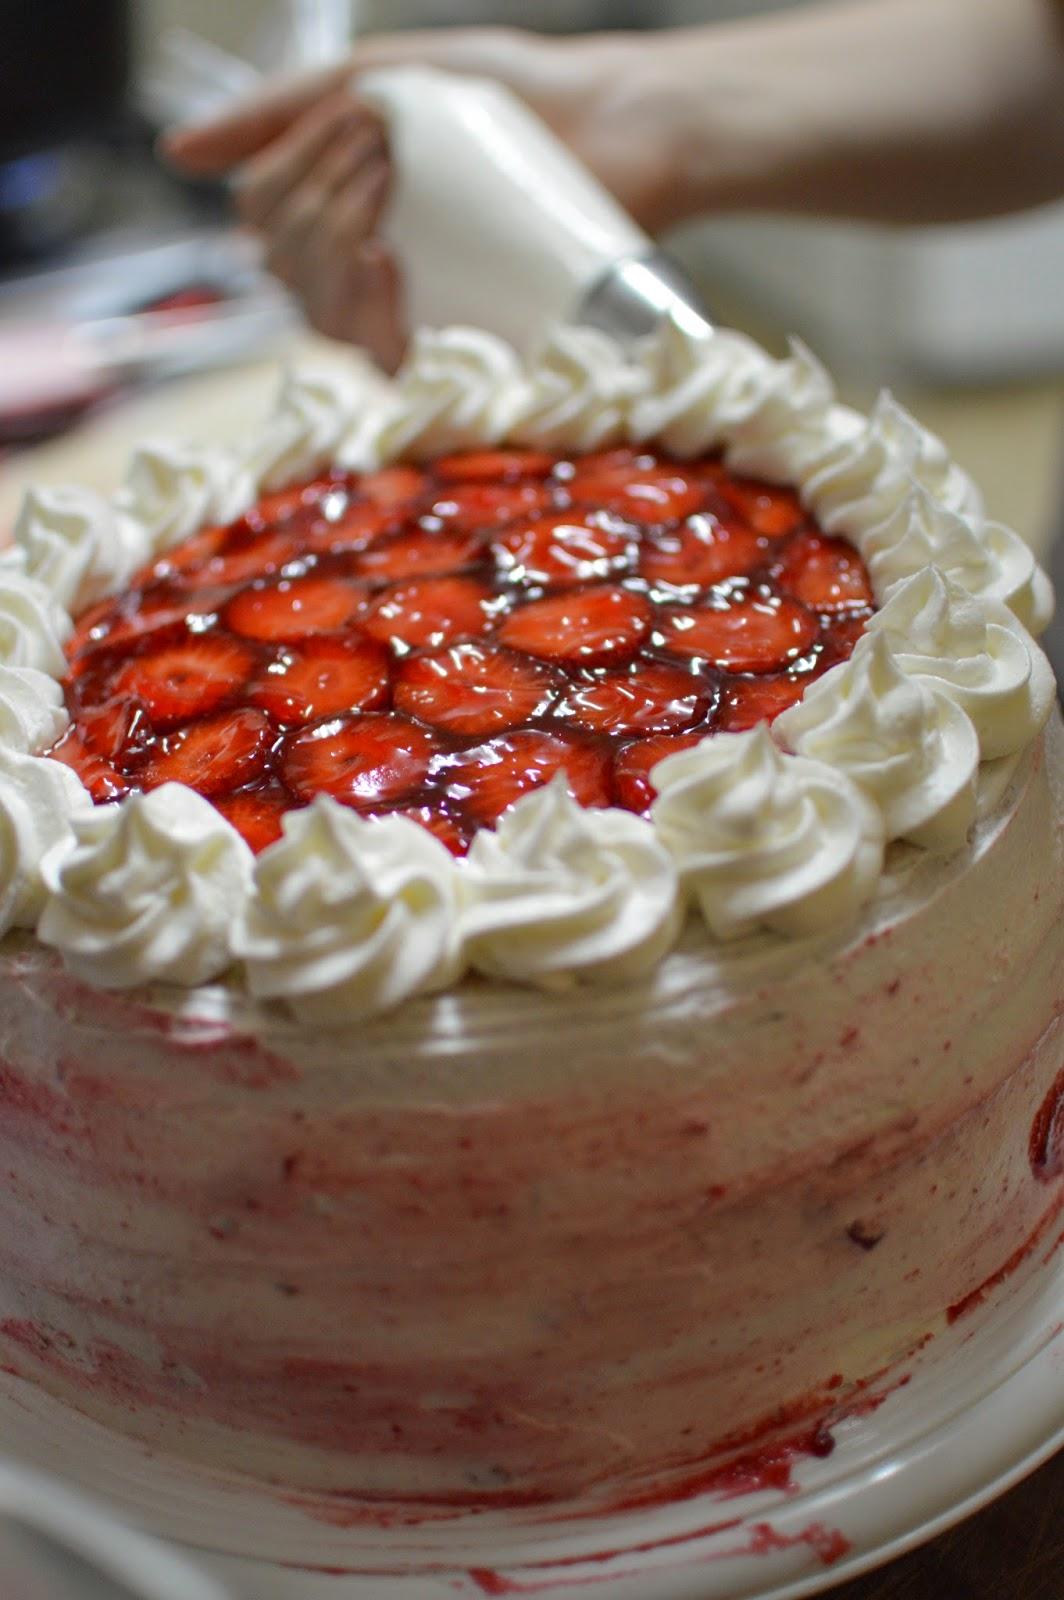 Baño Sencillo Para Tortas: por debajo, para ocultar cualquier defecto o improlijidad de la torta